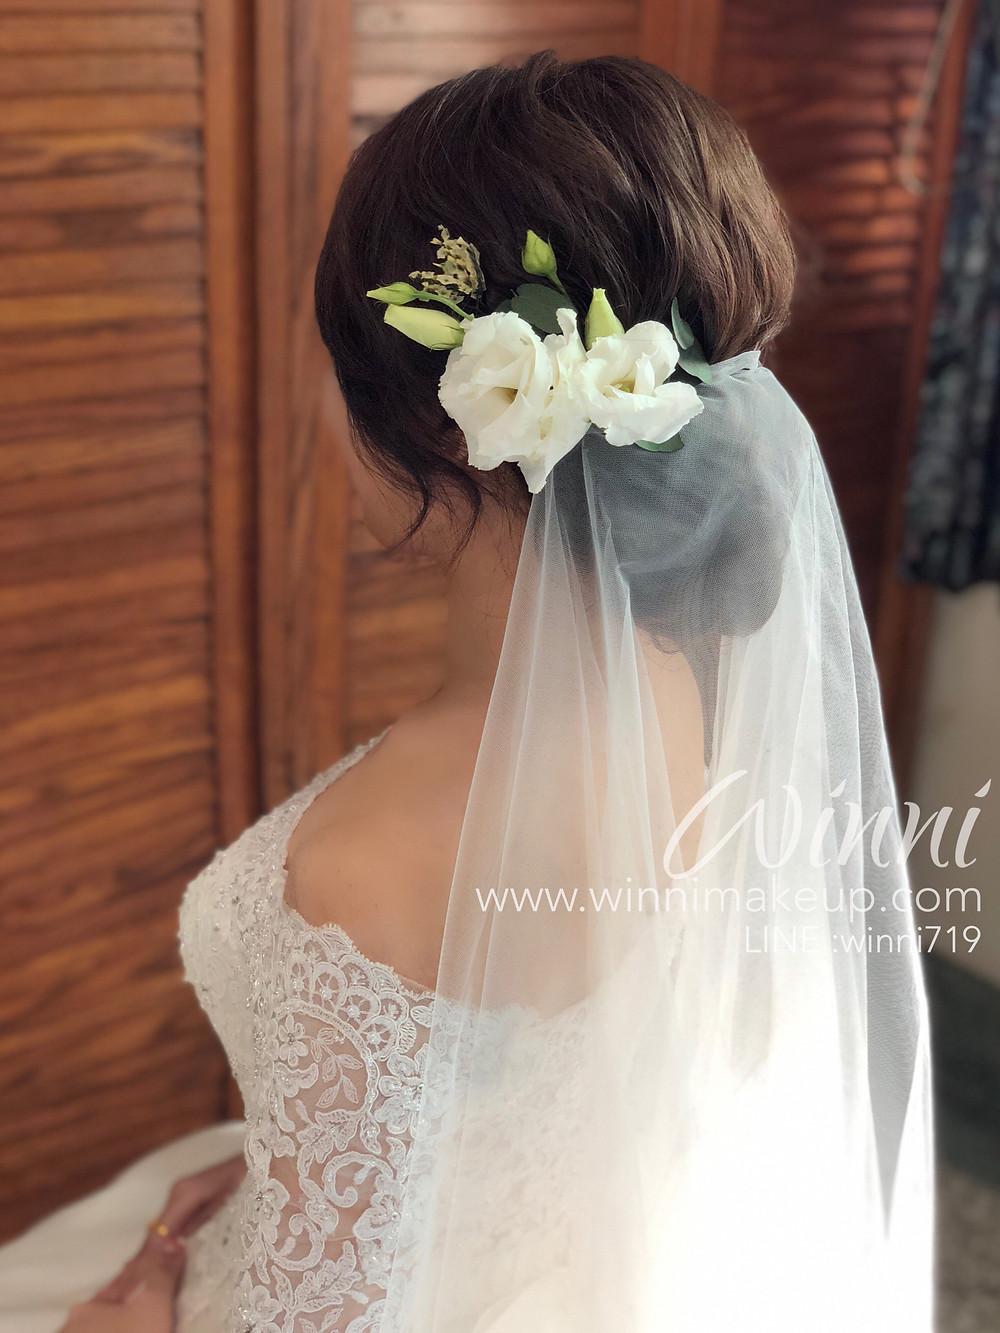 #白紗造型,#新娘造型,#低盤髮造型,#新娘妝 #乾燥花髮飾 #不凋花髮飾 #鮮花髮飾